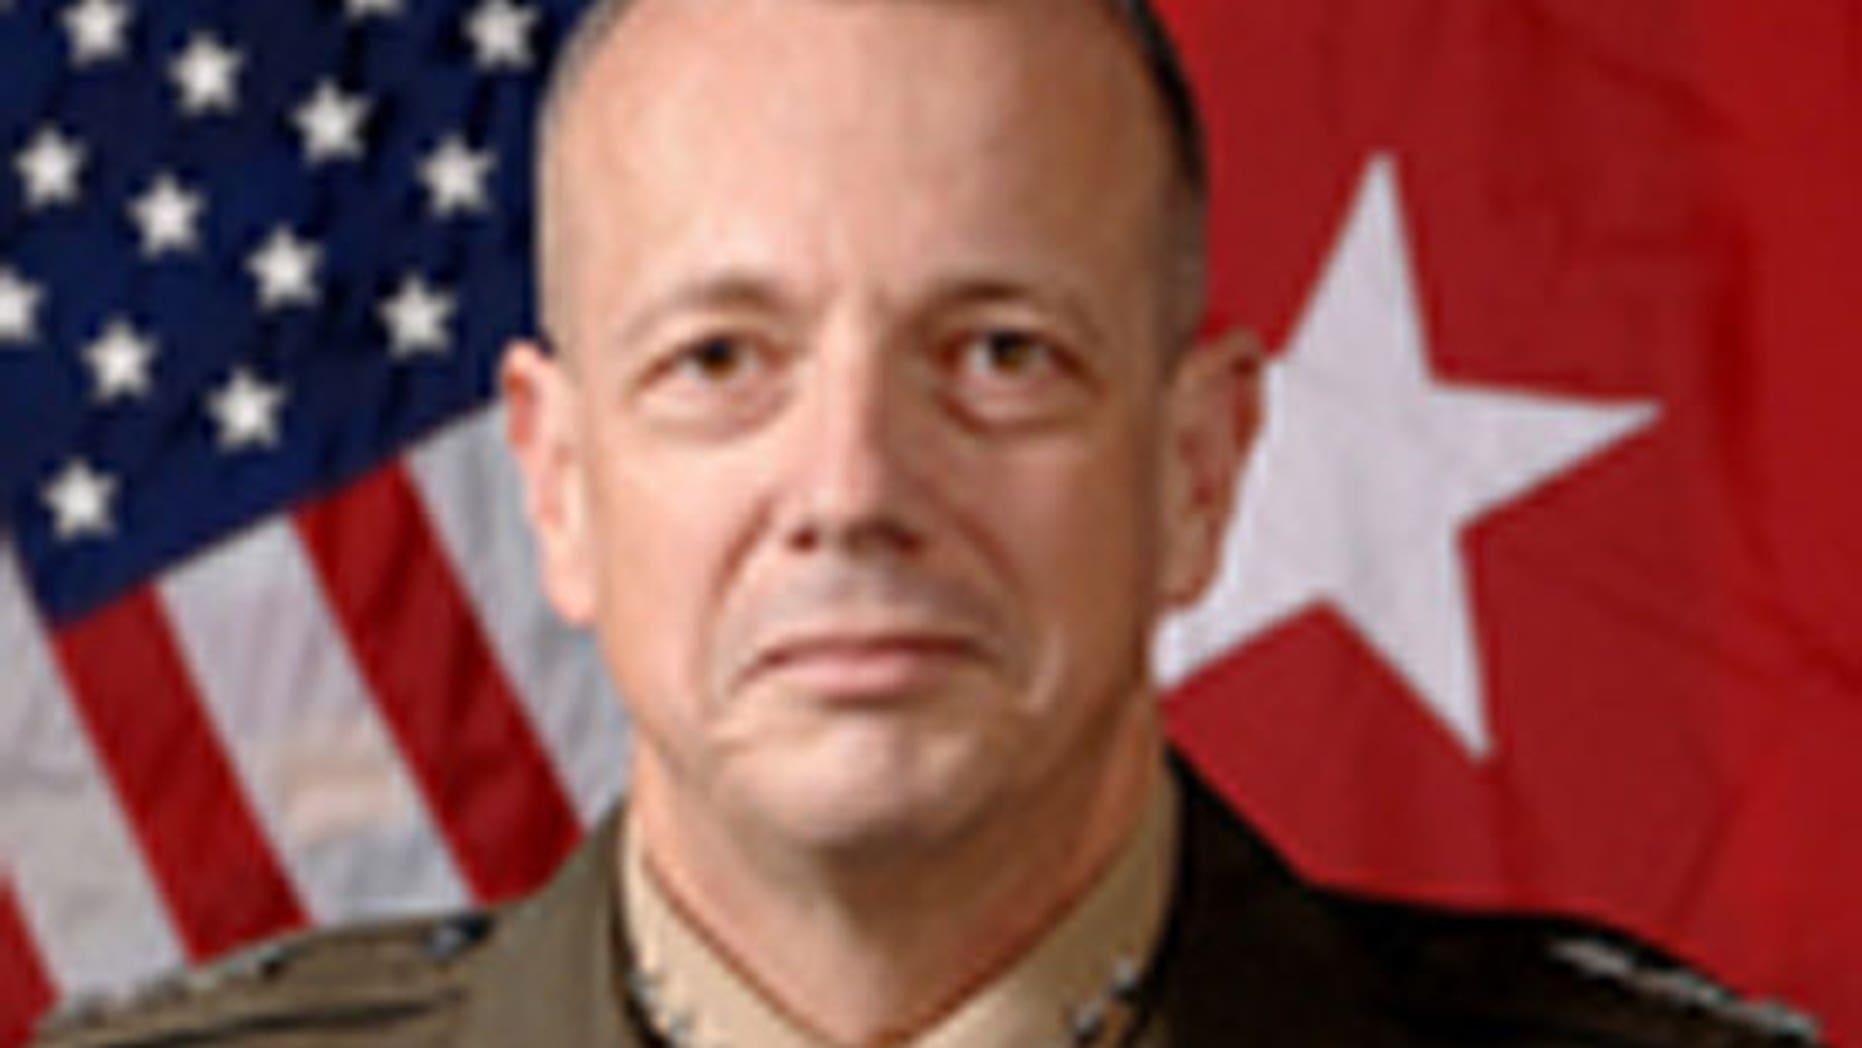 Lt. Gen. John Allen, the deputy commander of U.S. Central Command in Florida, will take over Gen. David Petraeus' duties as U.S. commander in Afghanistan. (Pentagon)